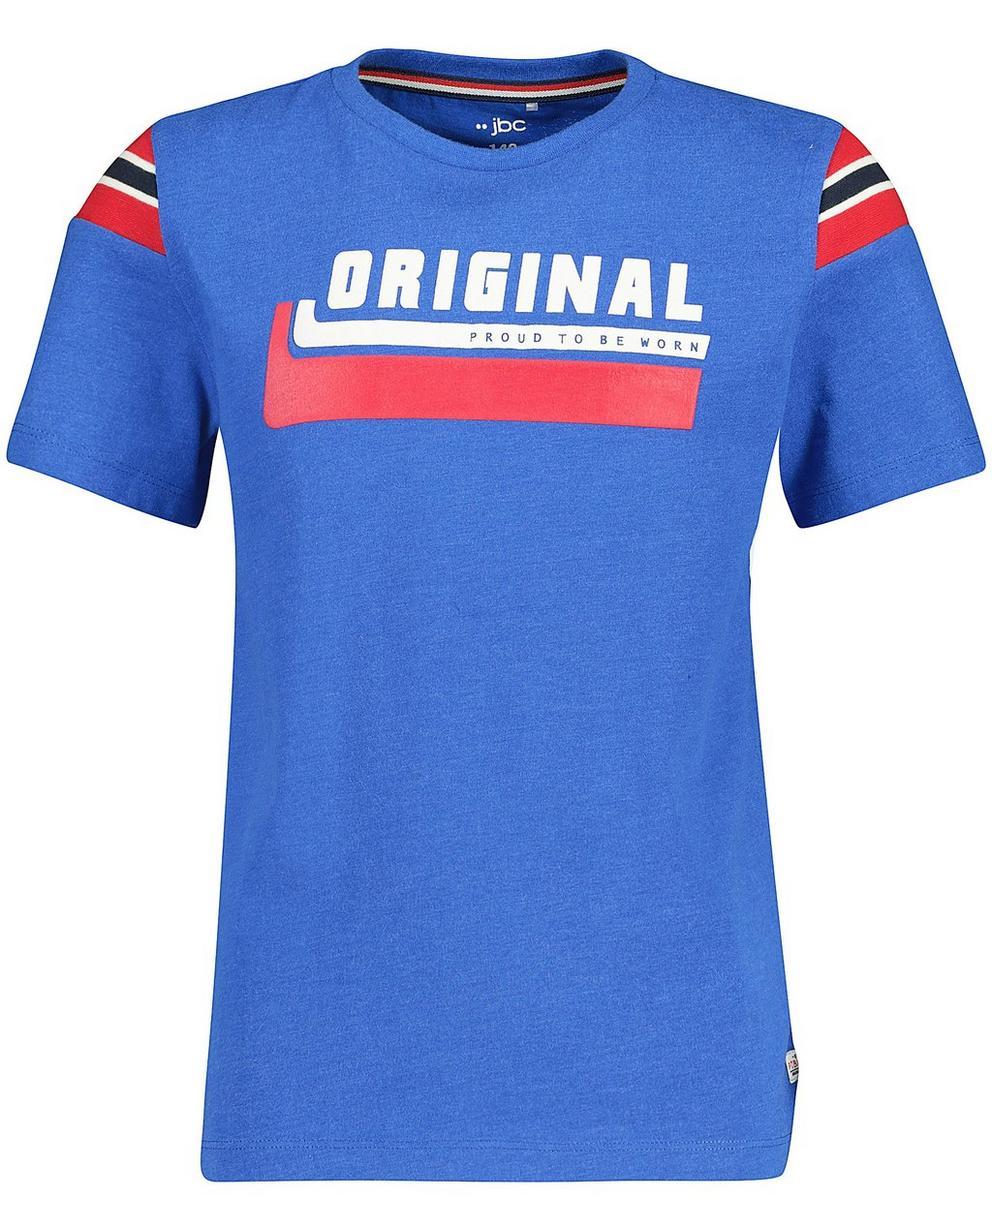 T-Shirts - Aqua - T-Shirt mit Aufschrift